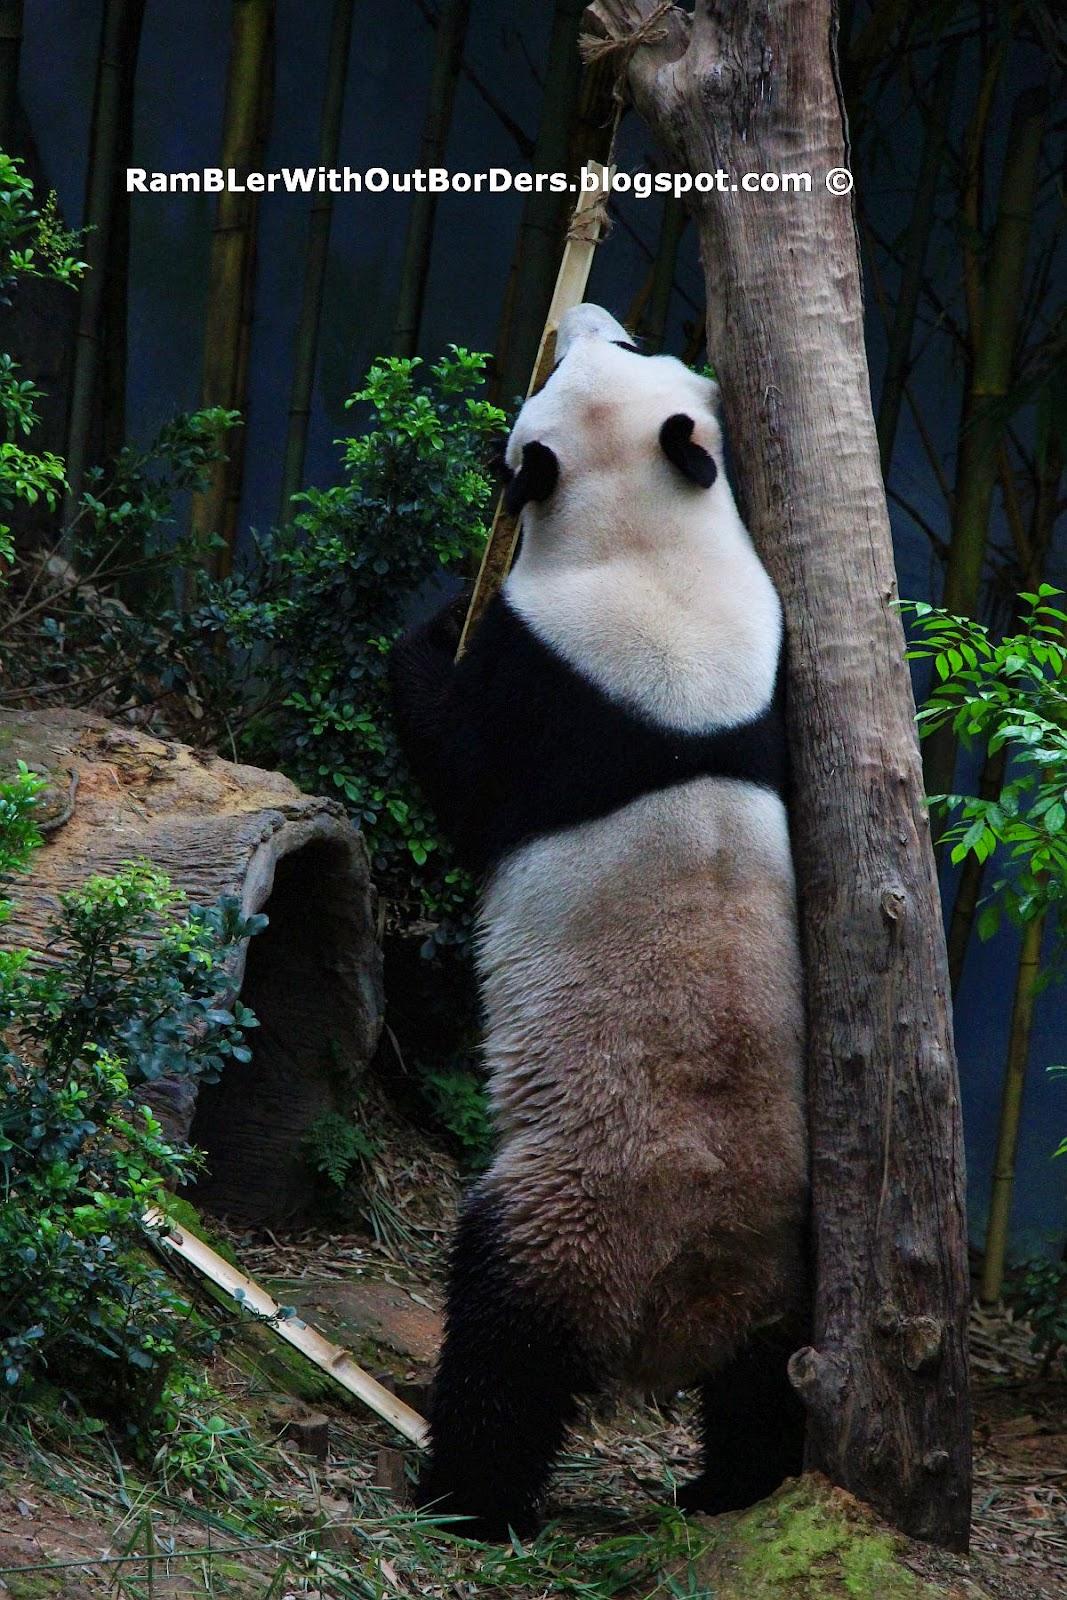 Panda, River Safari, Singapore